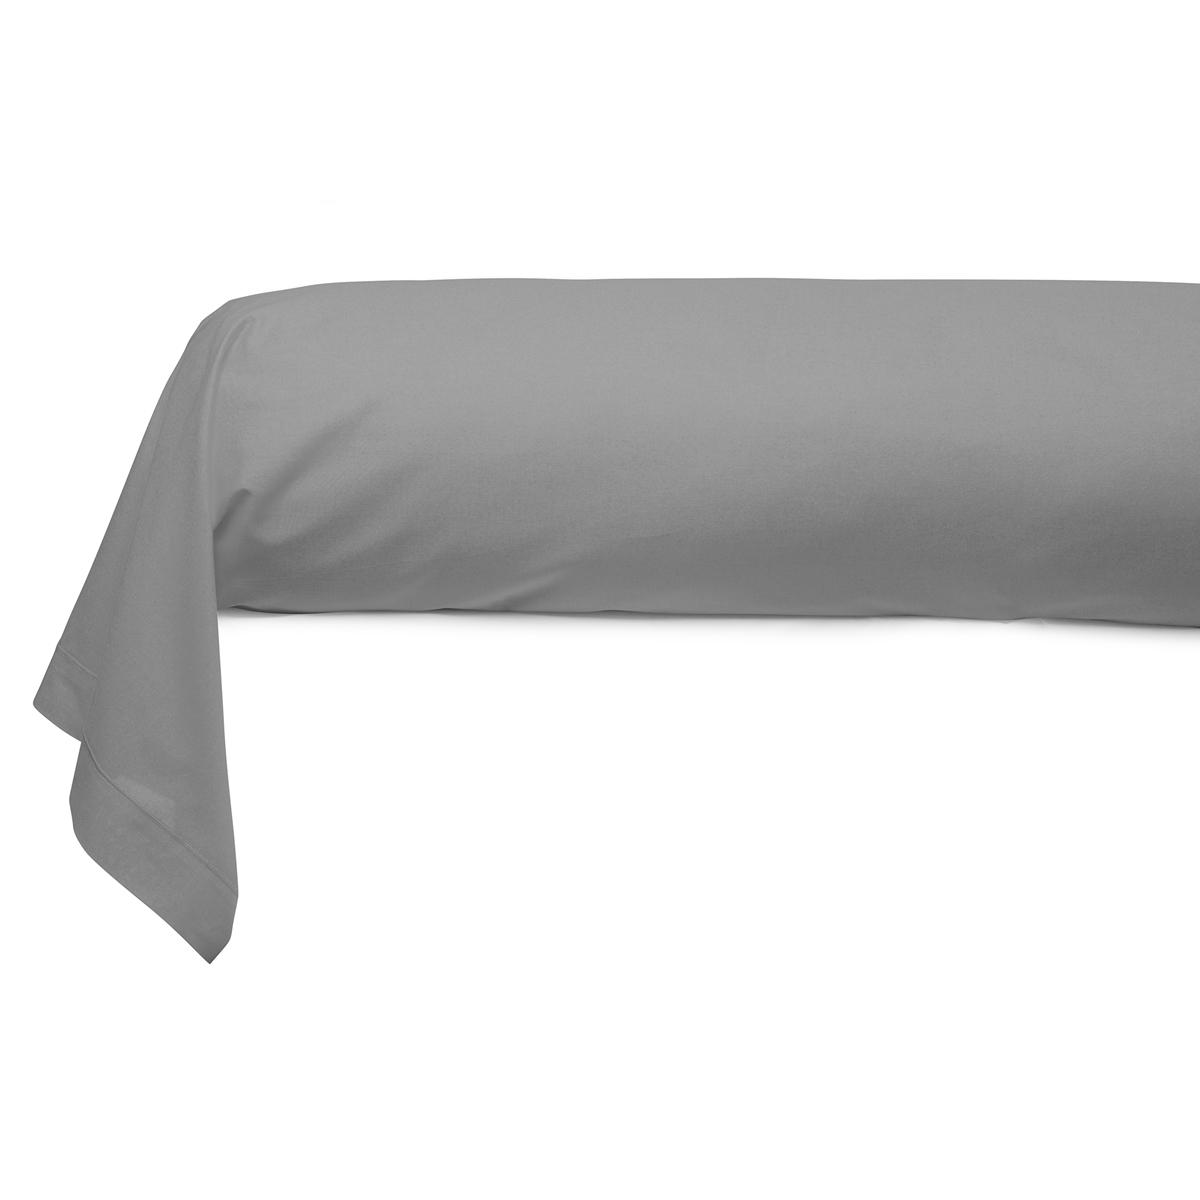 taie de traversin coton soldes jusqu 39 55 linge de maison tradition des vosges. Black Bedroom Furniture Sets. Home Design Ideas